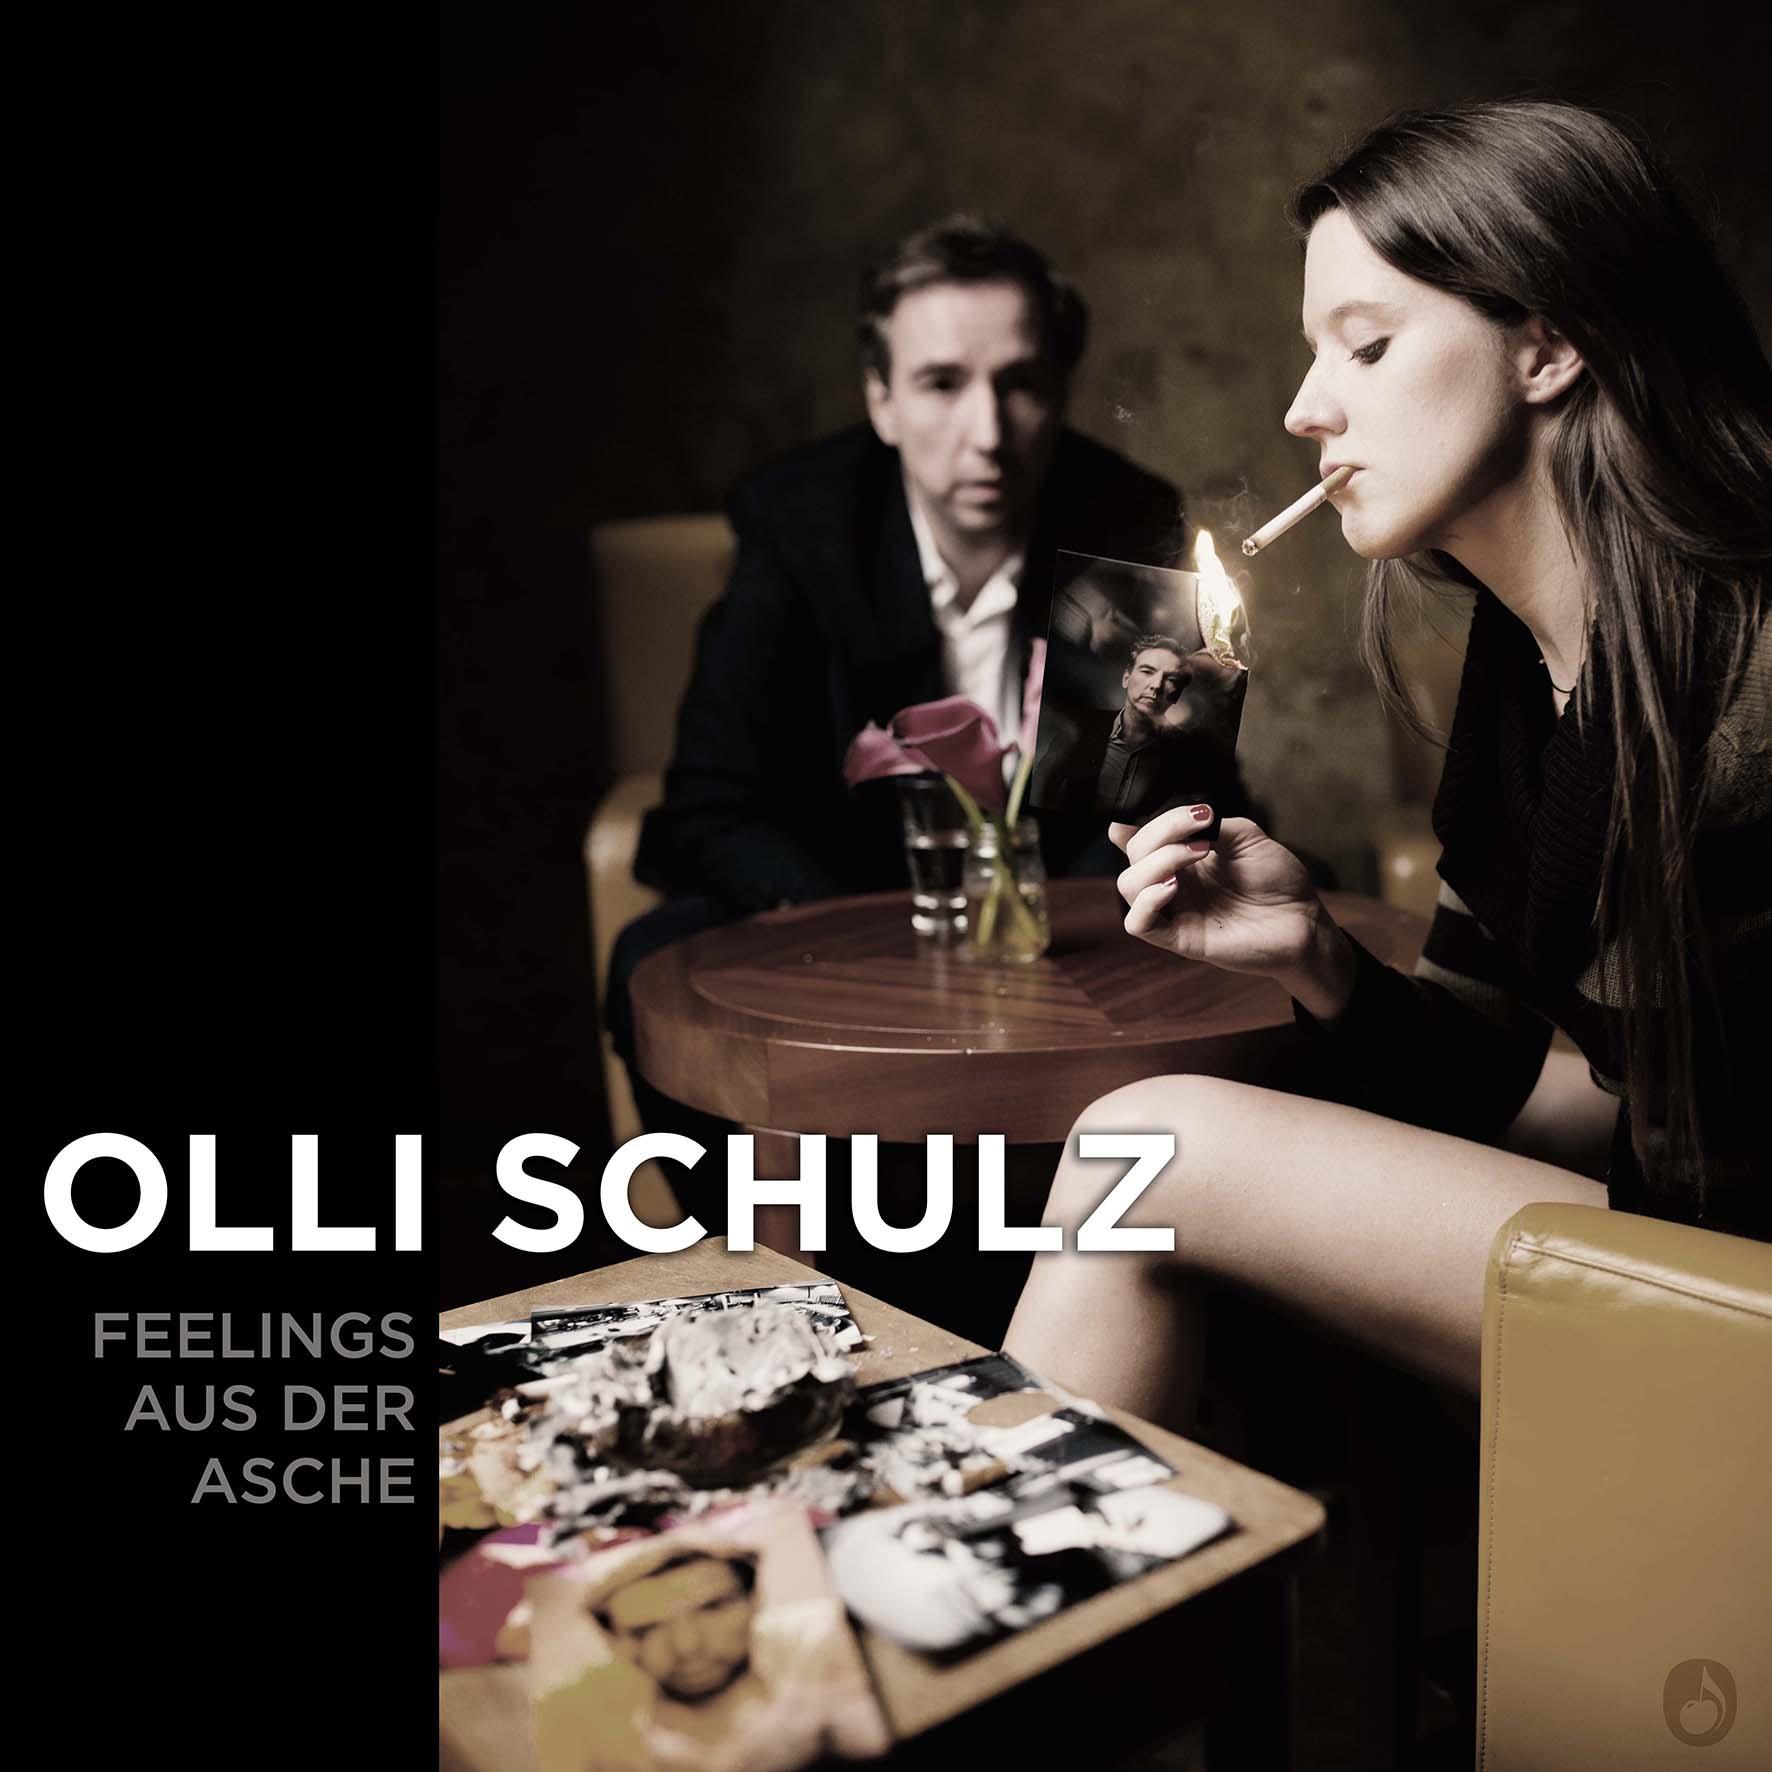 OLLI SCHULZ & Band gehen in die zweite Runde!